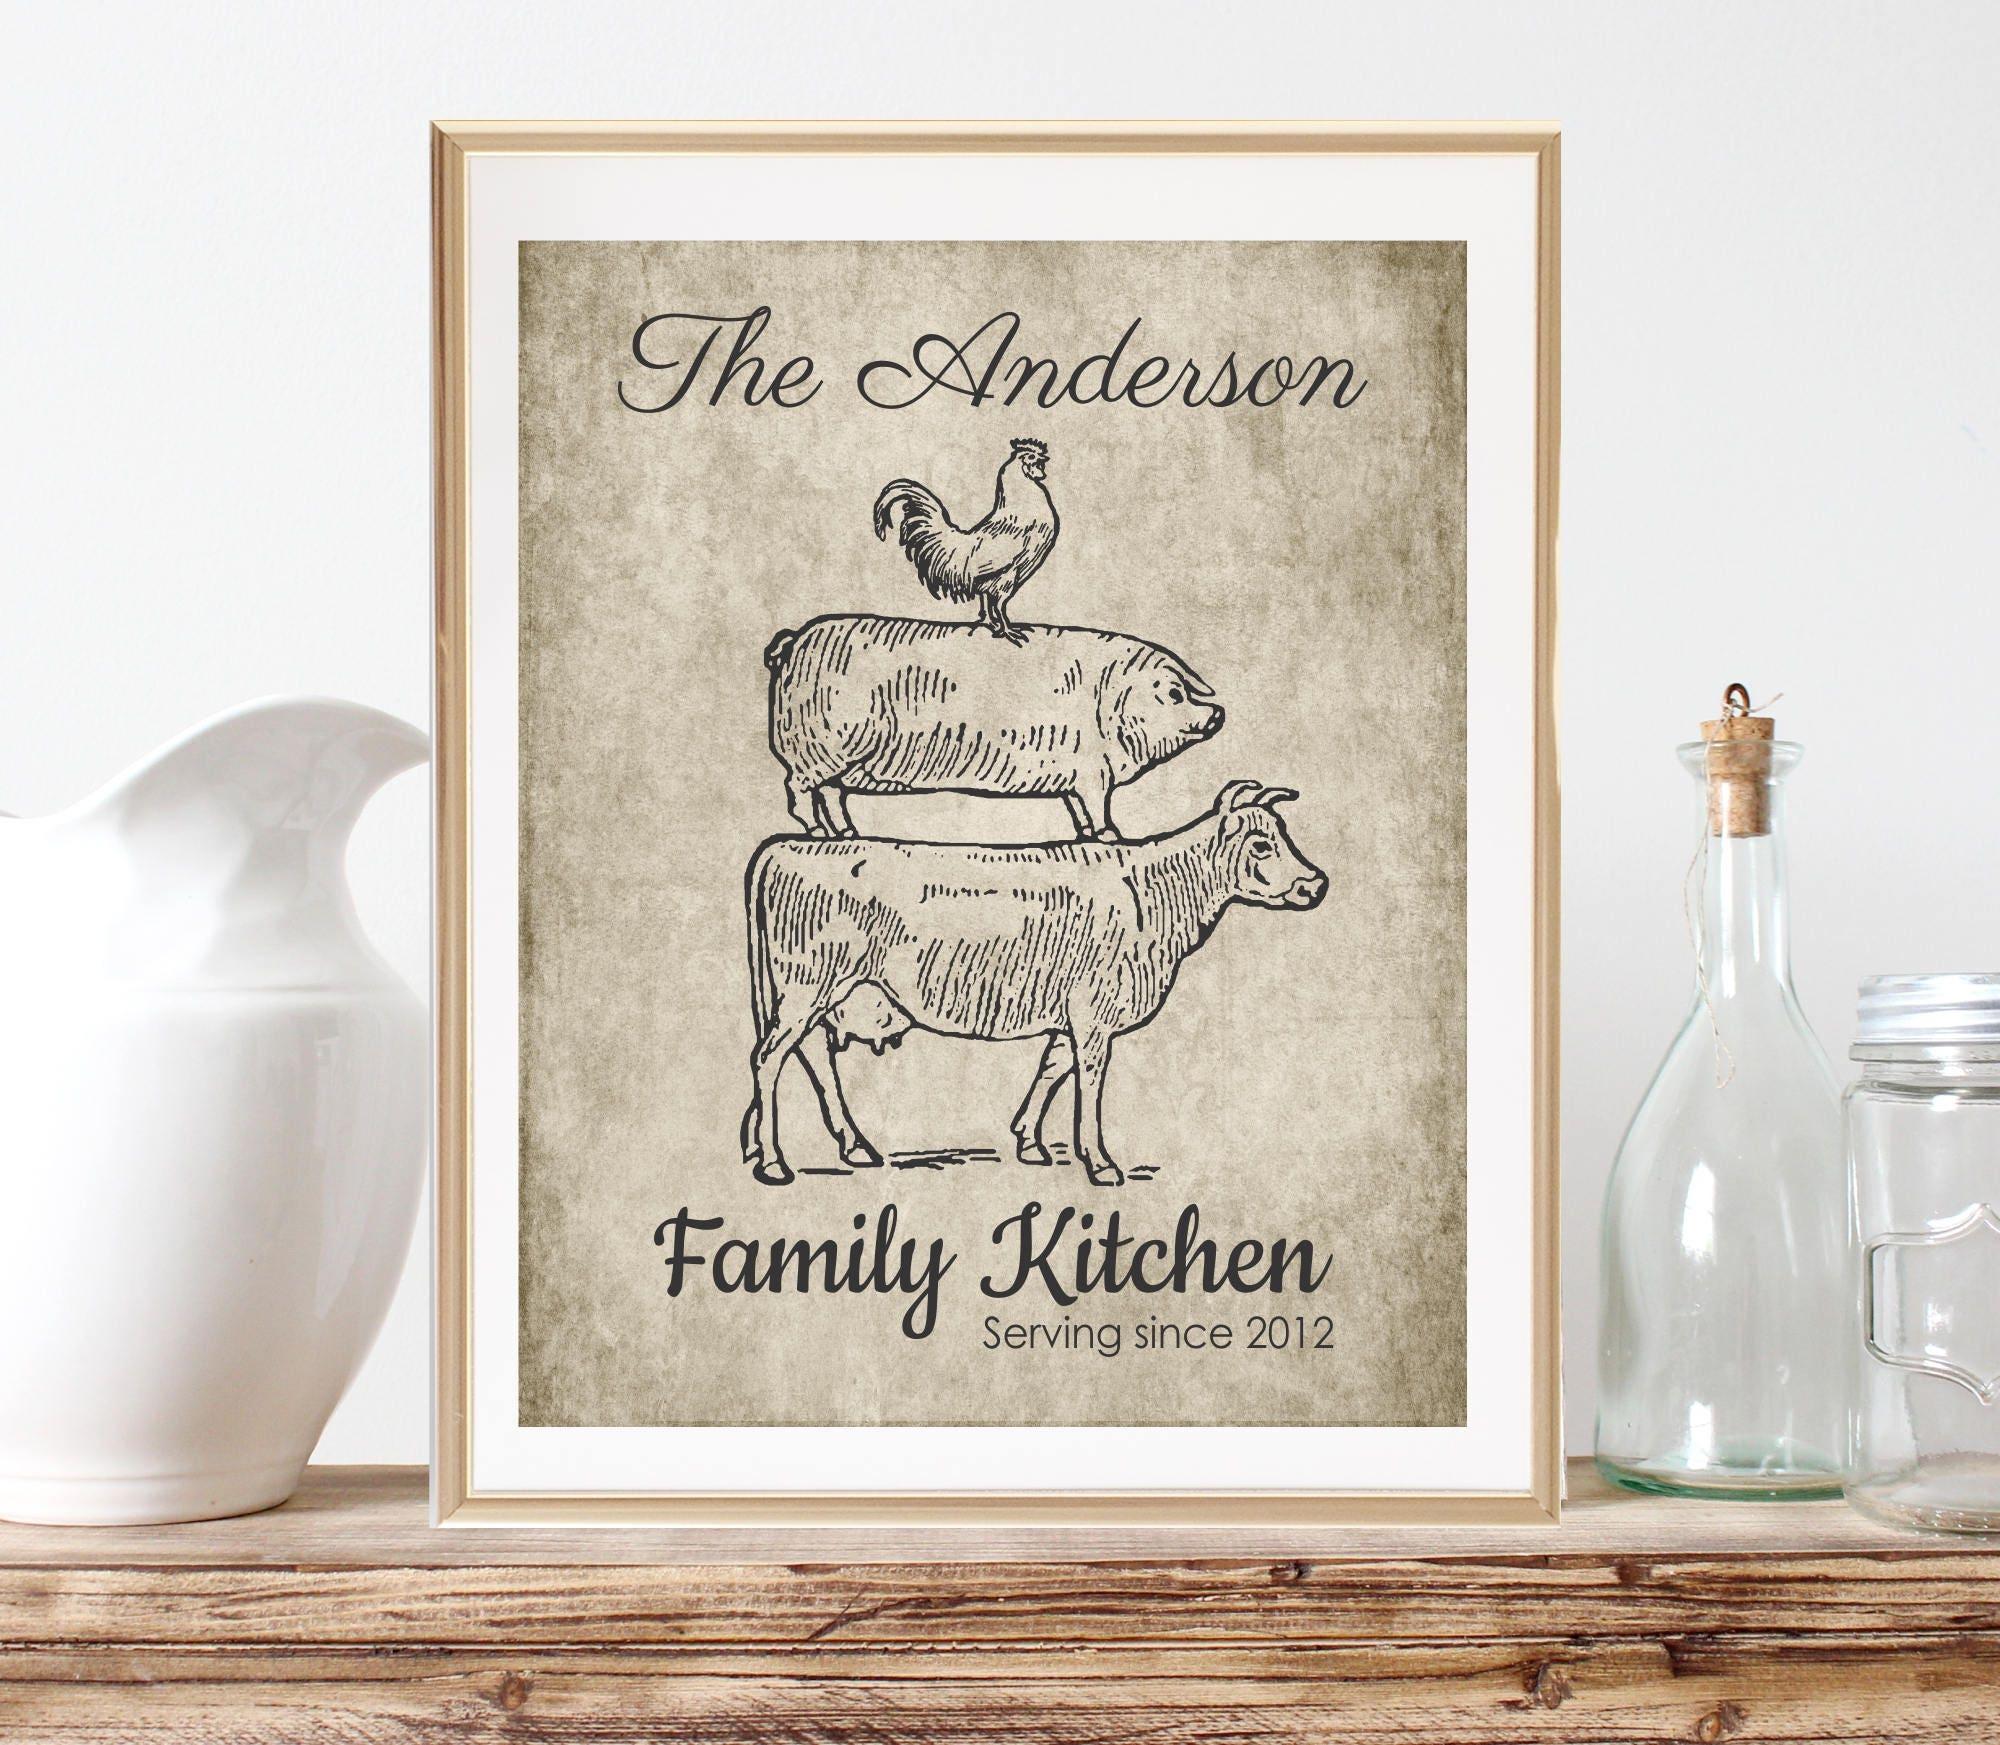 Gepersonaliseerde keuken geschenken decor van de boerderij - Gepersonaliseerde keuken ...